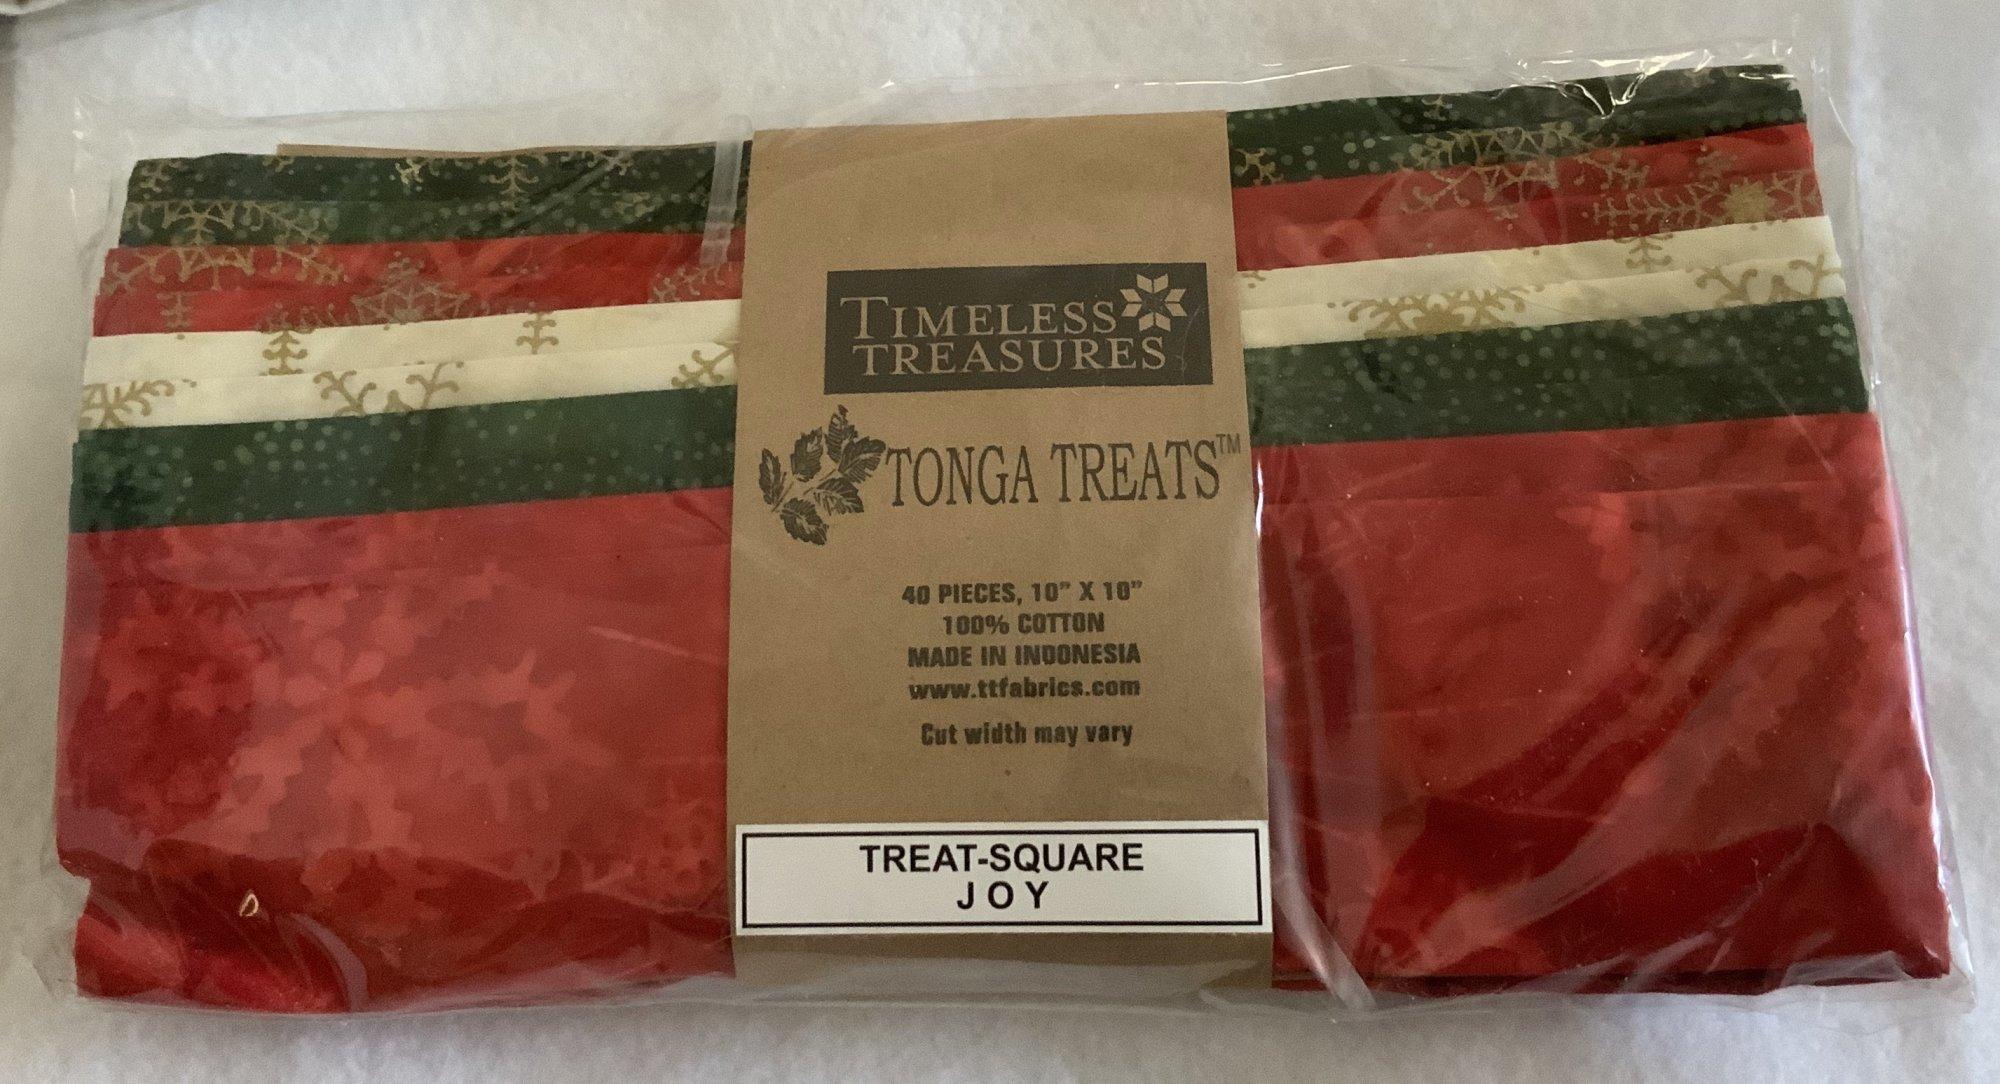 Tonga Treat Square Batik Joy, (40 pcs 10x10) - Timeless Treasures